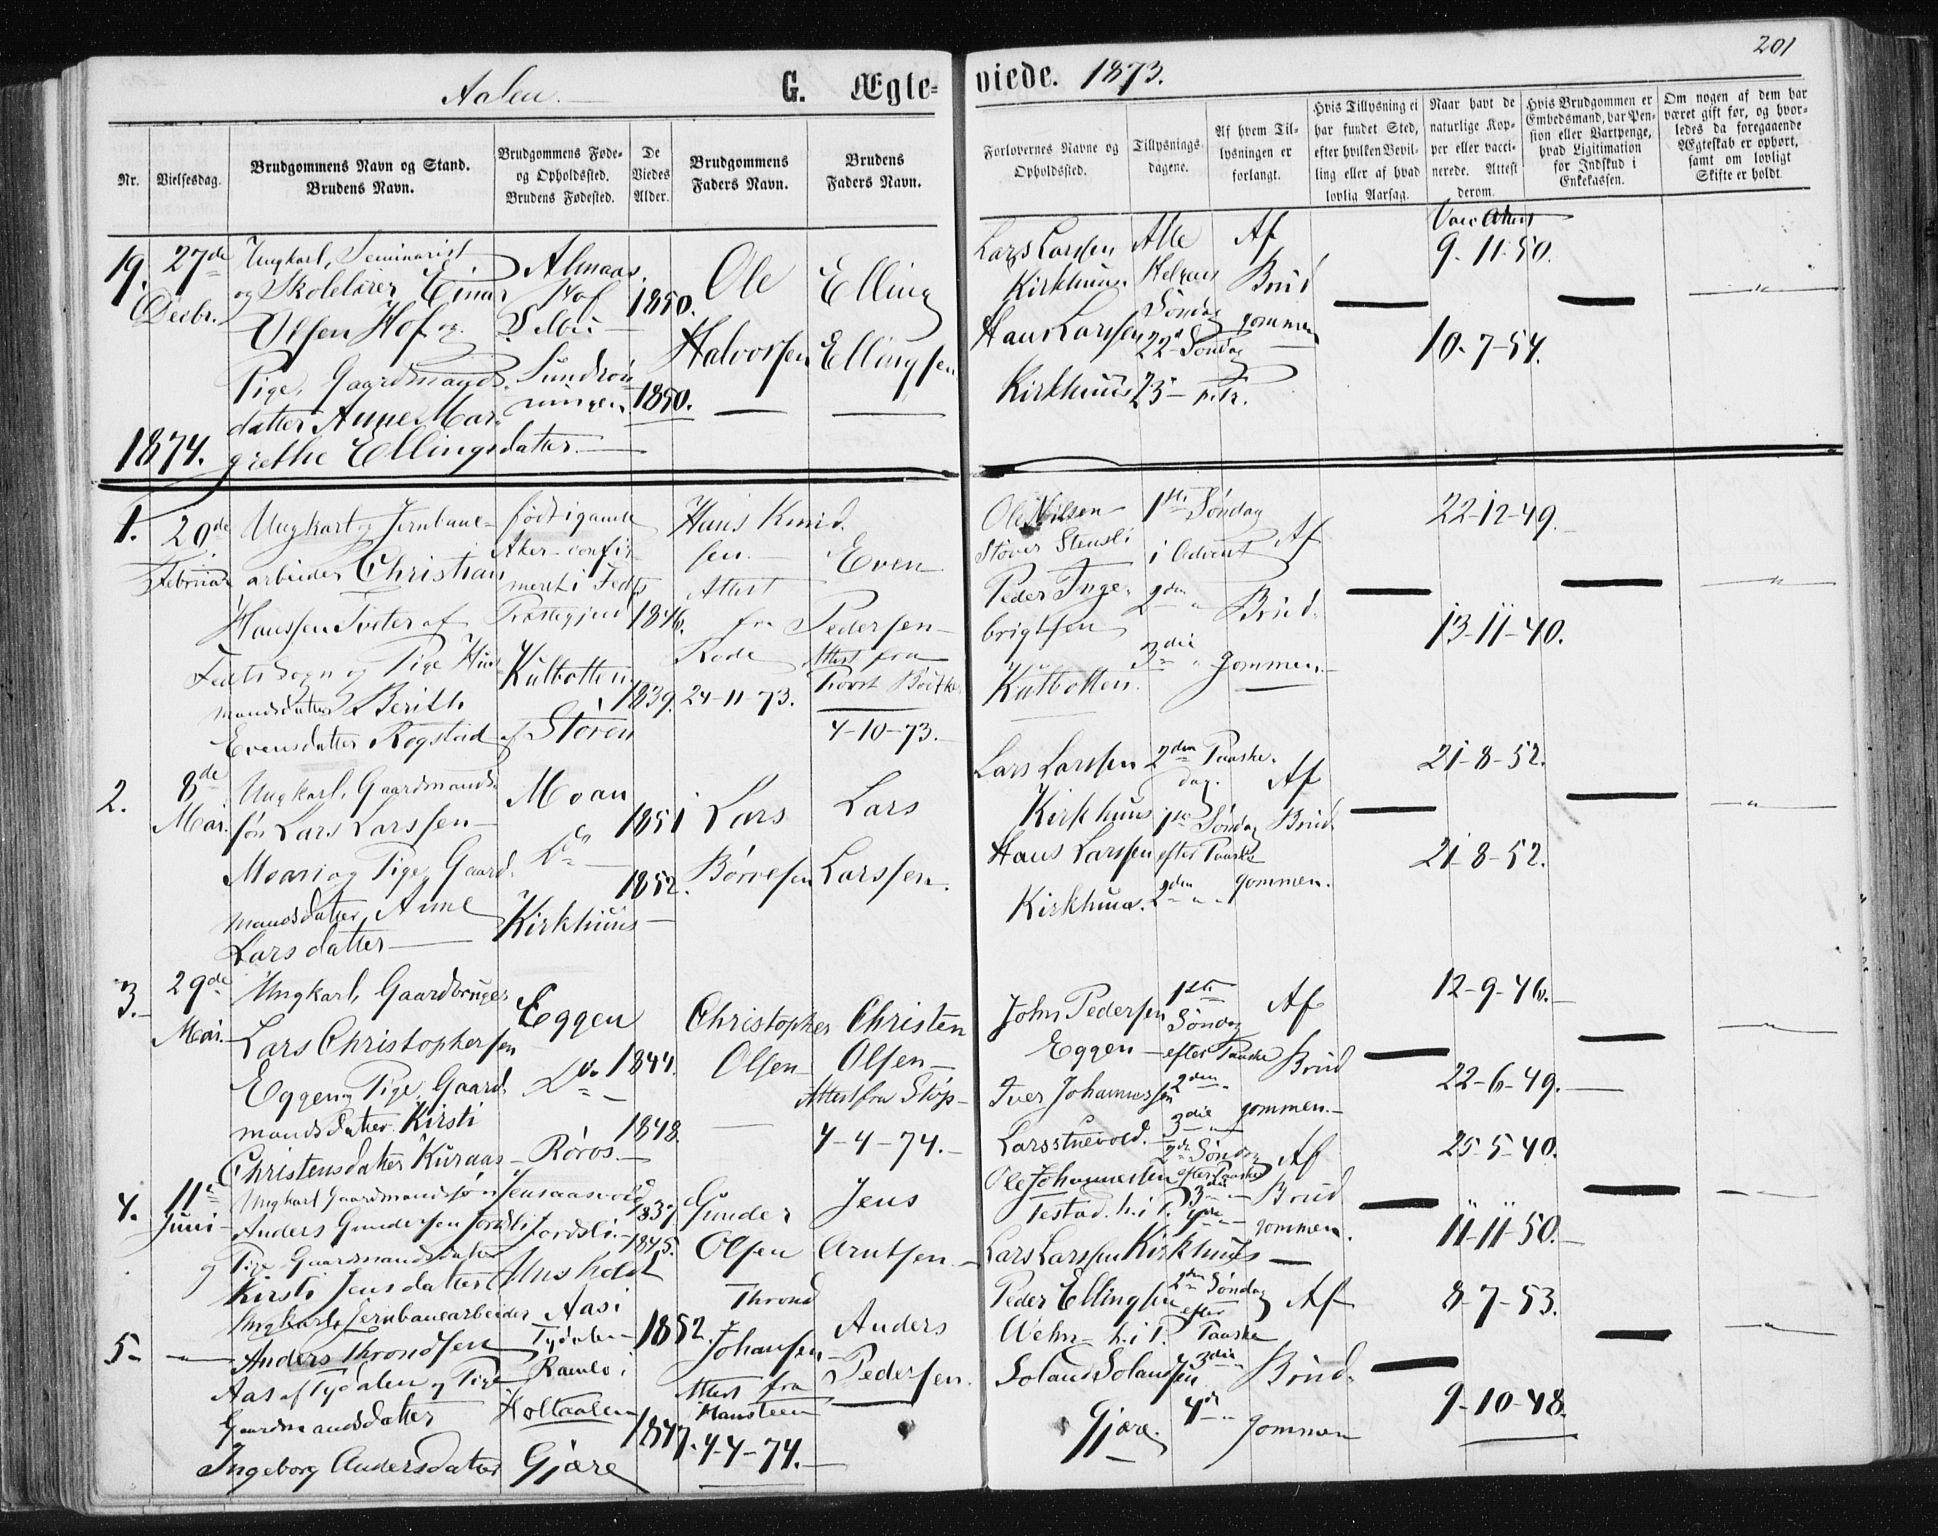 SAT, Ministerialprotokoller, klokkerbøker og fødselsregistre - Sør-Trøndelag, 685/L0971: Ministerialbok nr. 685A08 /3, 1870-1879, s. 201